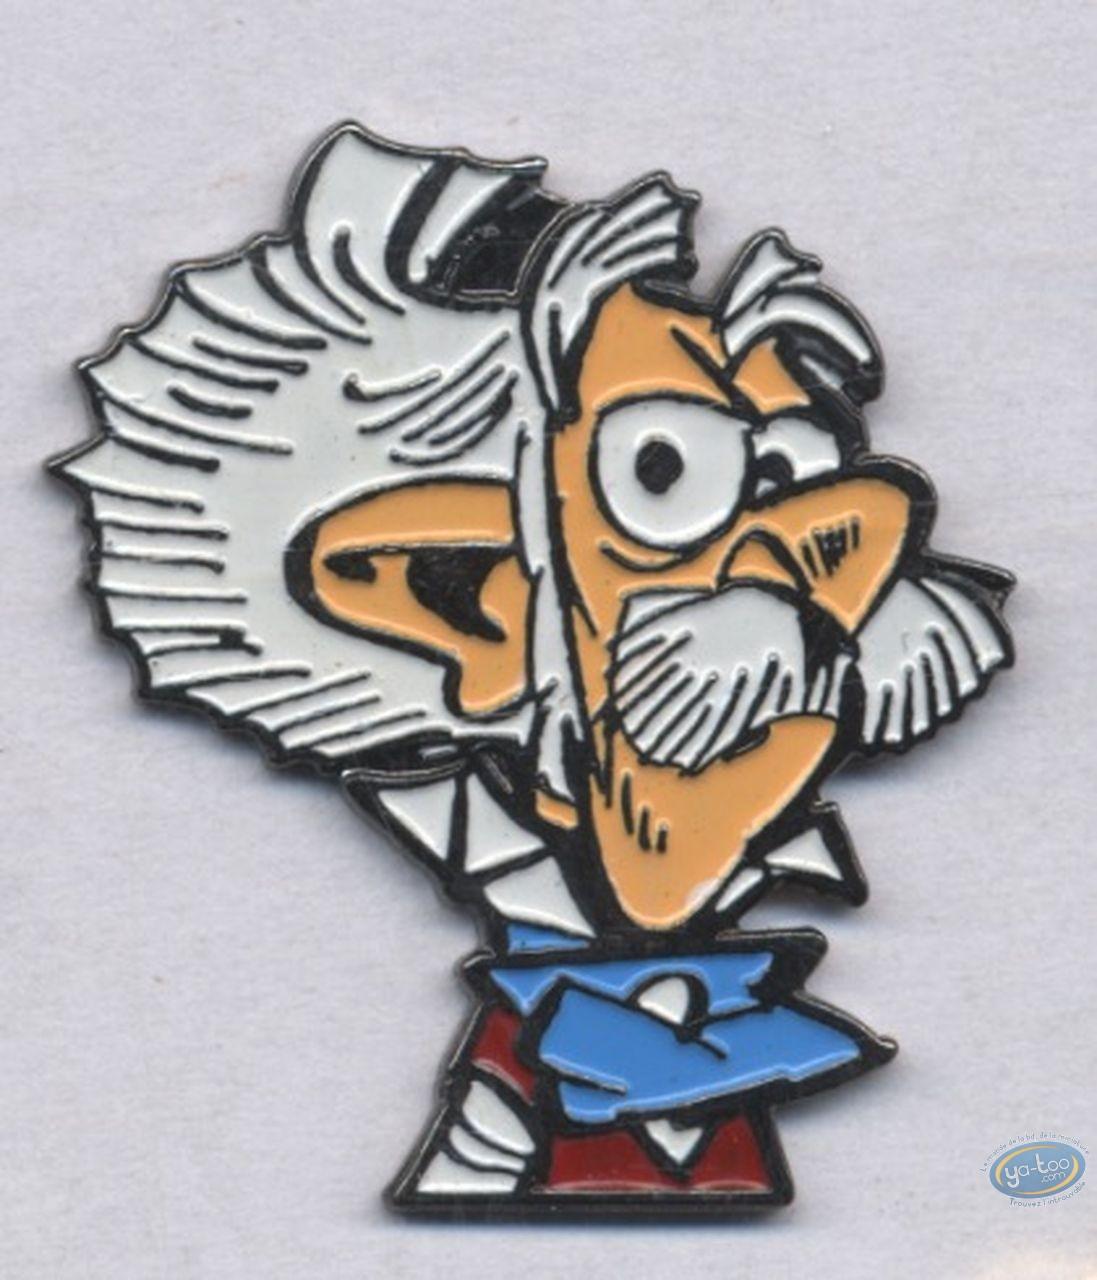 Pin's, Spirou et Fantasio : Le Comte de Champignac